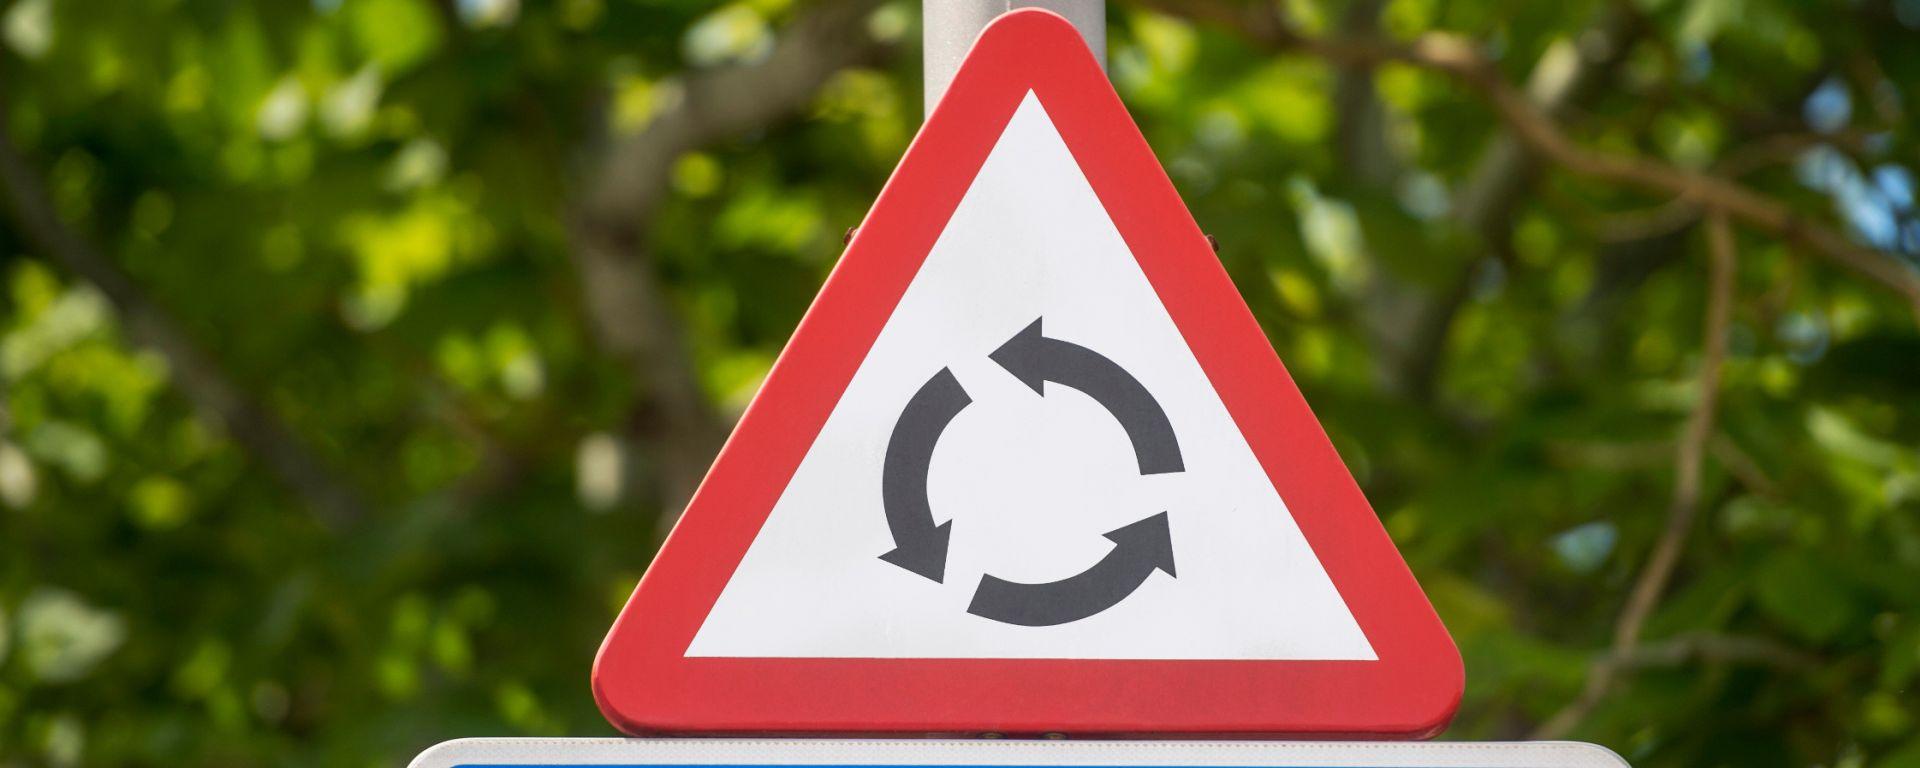 Rotatorie: 2 automobilisti su 3 non sanno affrontarle in sicurezza